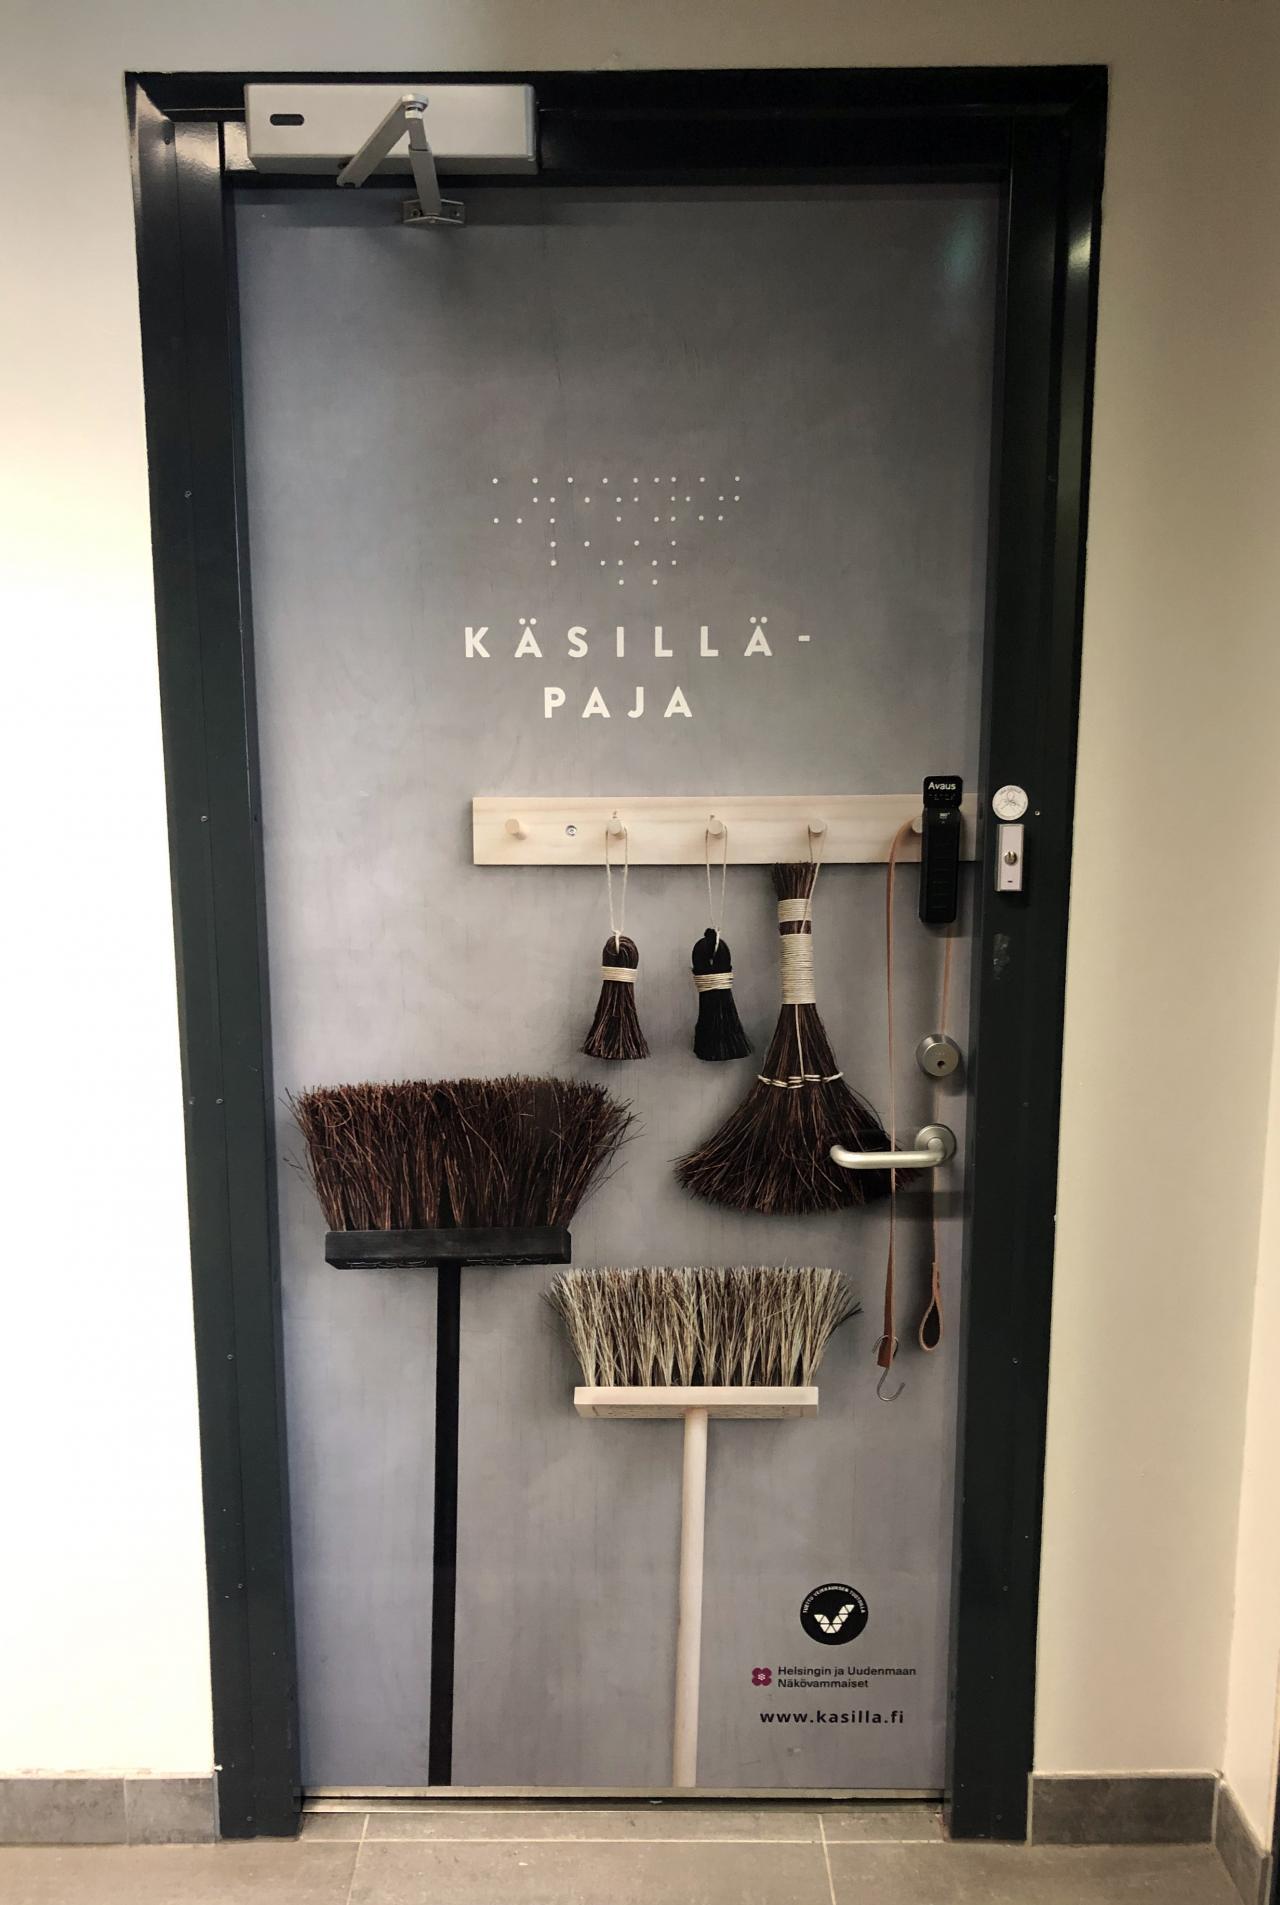 Kuva-aiheella teipattu Käsillä-pajan ovi: ovessa on erilaisia harjoja, joiden yläpuolella lukee Käsillä-paja.